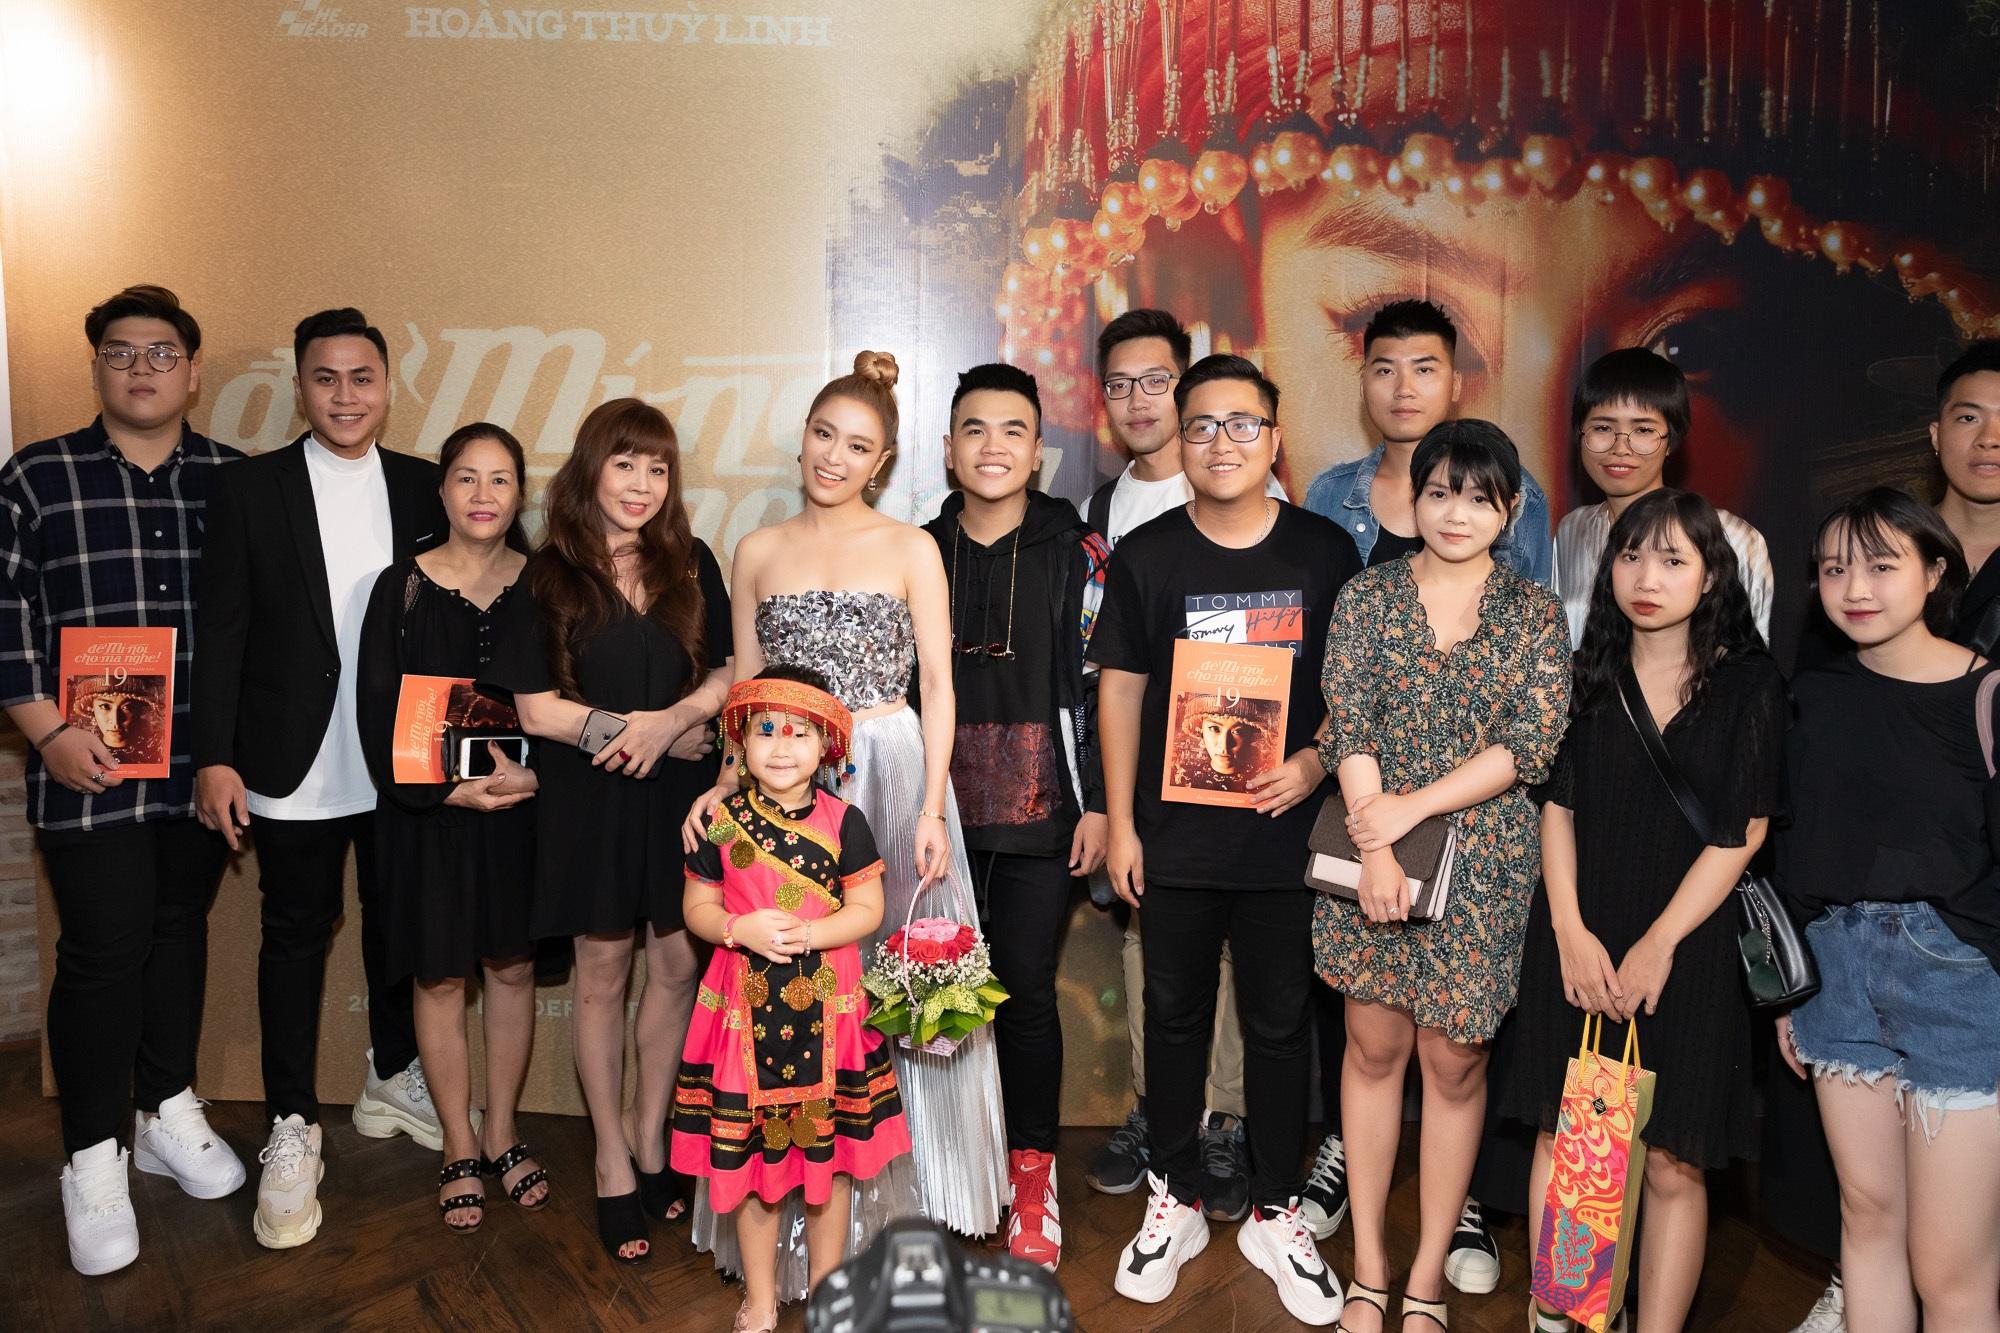 Hoàng Thùy Linh xinh xắn trong trang phục dân tộc Mèo tại buổi ra mắt MV mới - Ảnh 3